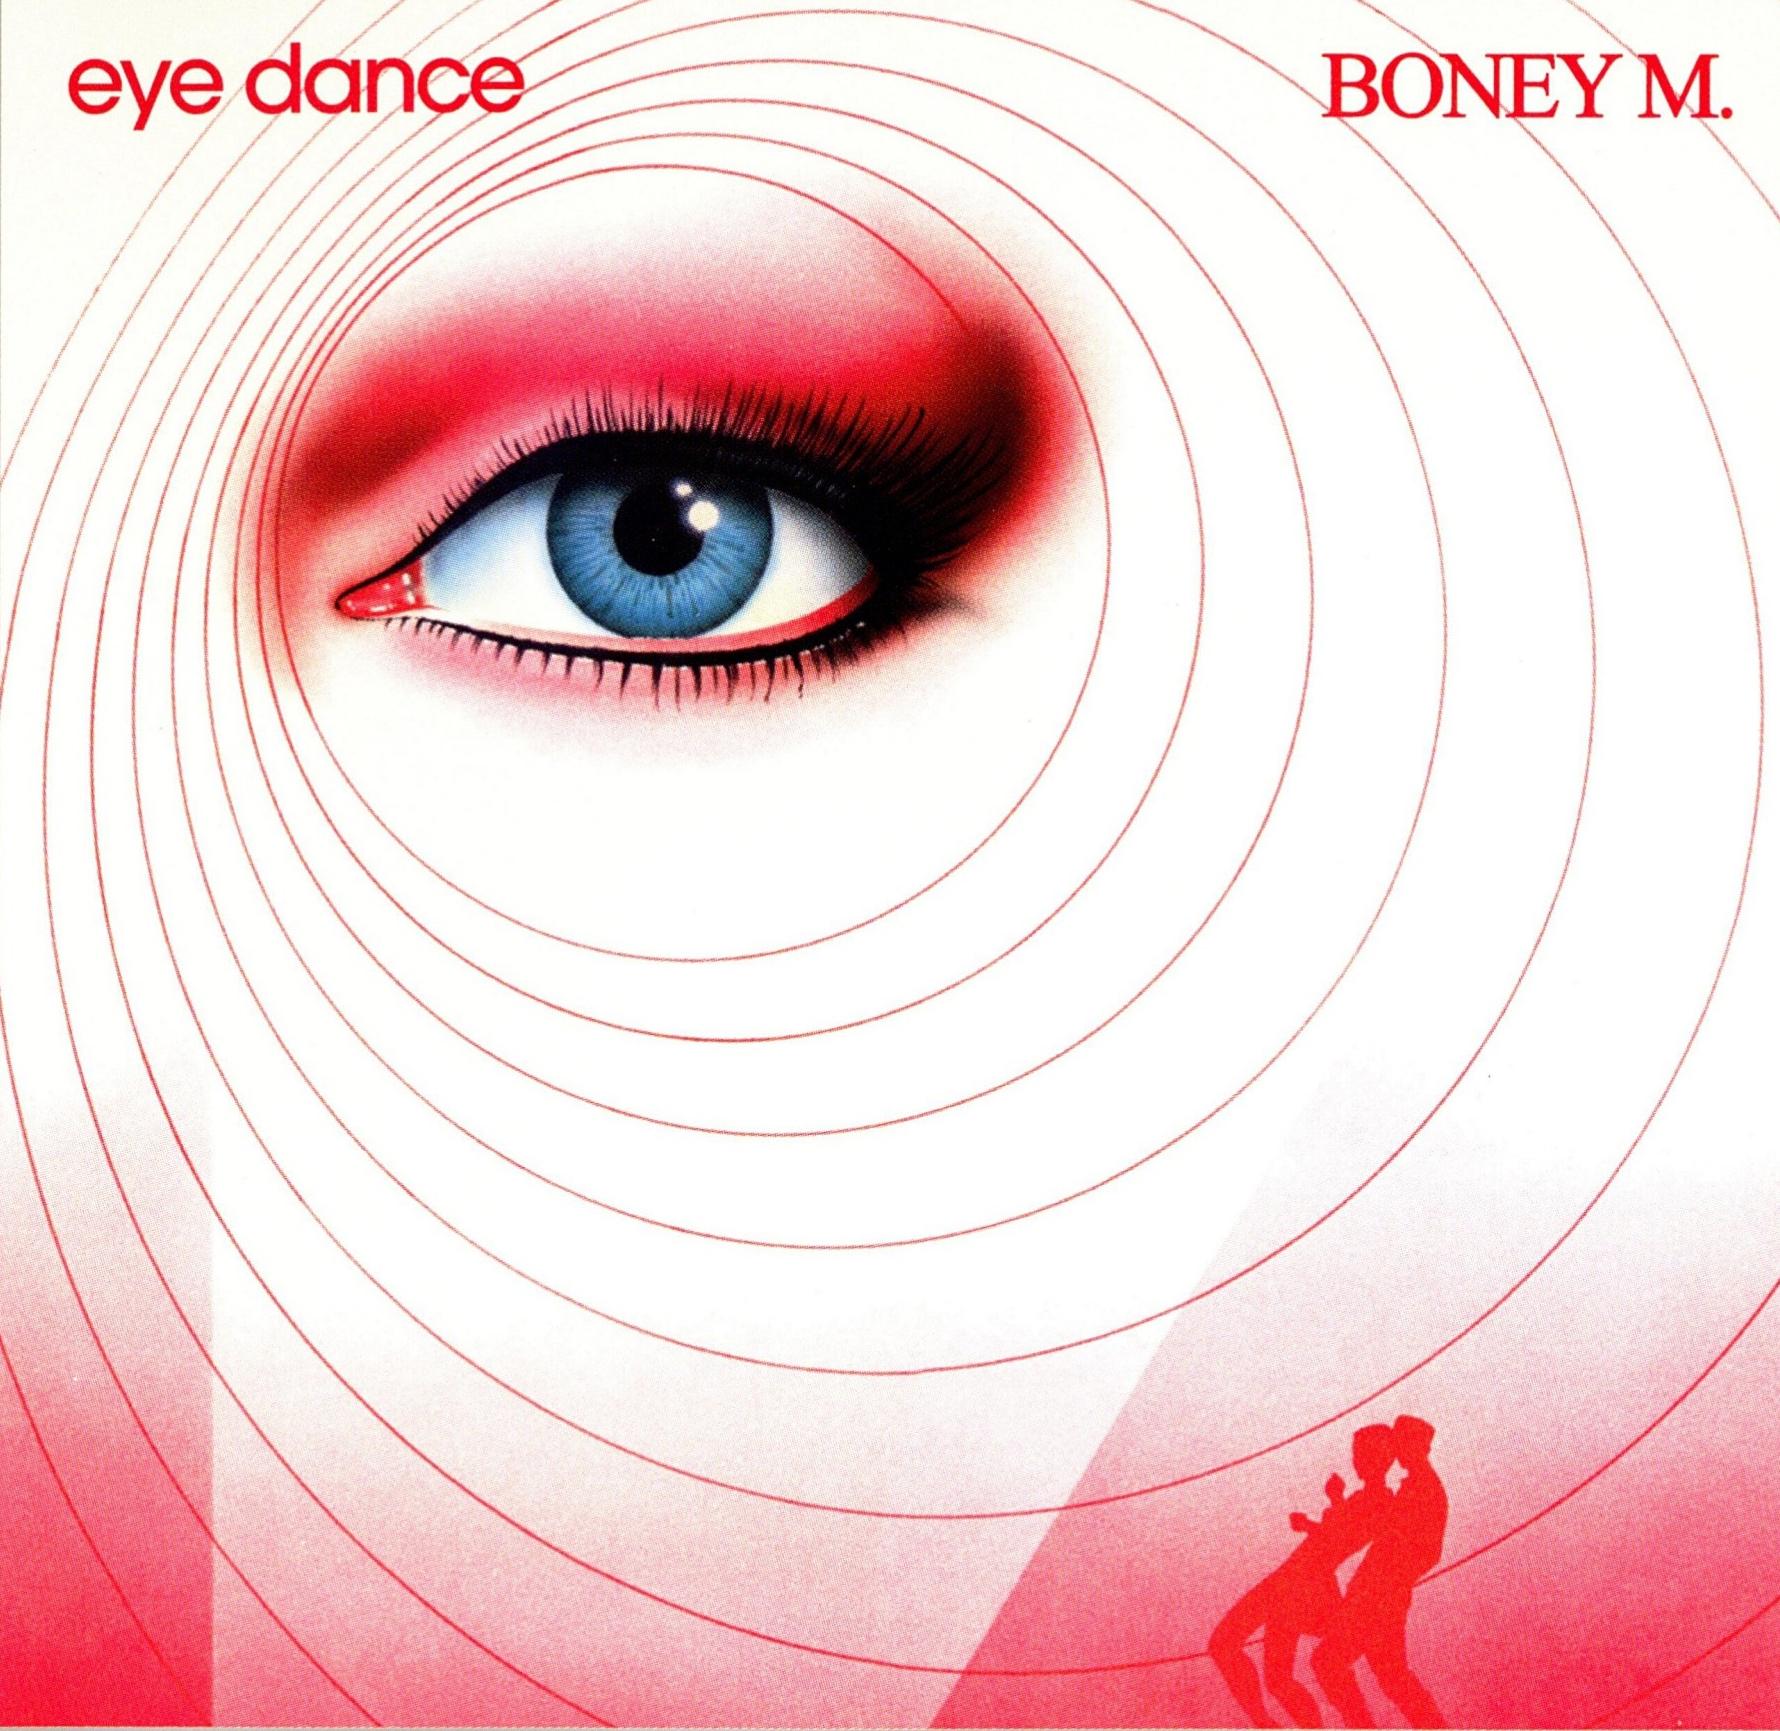 eyedance